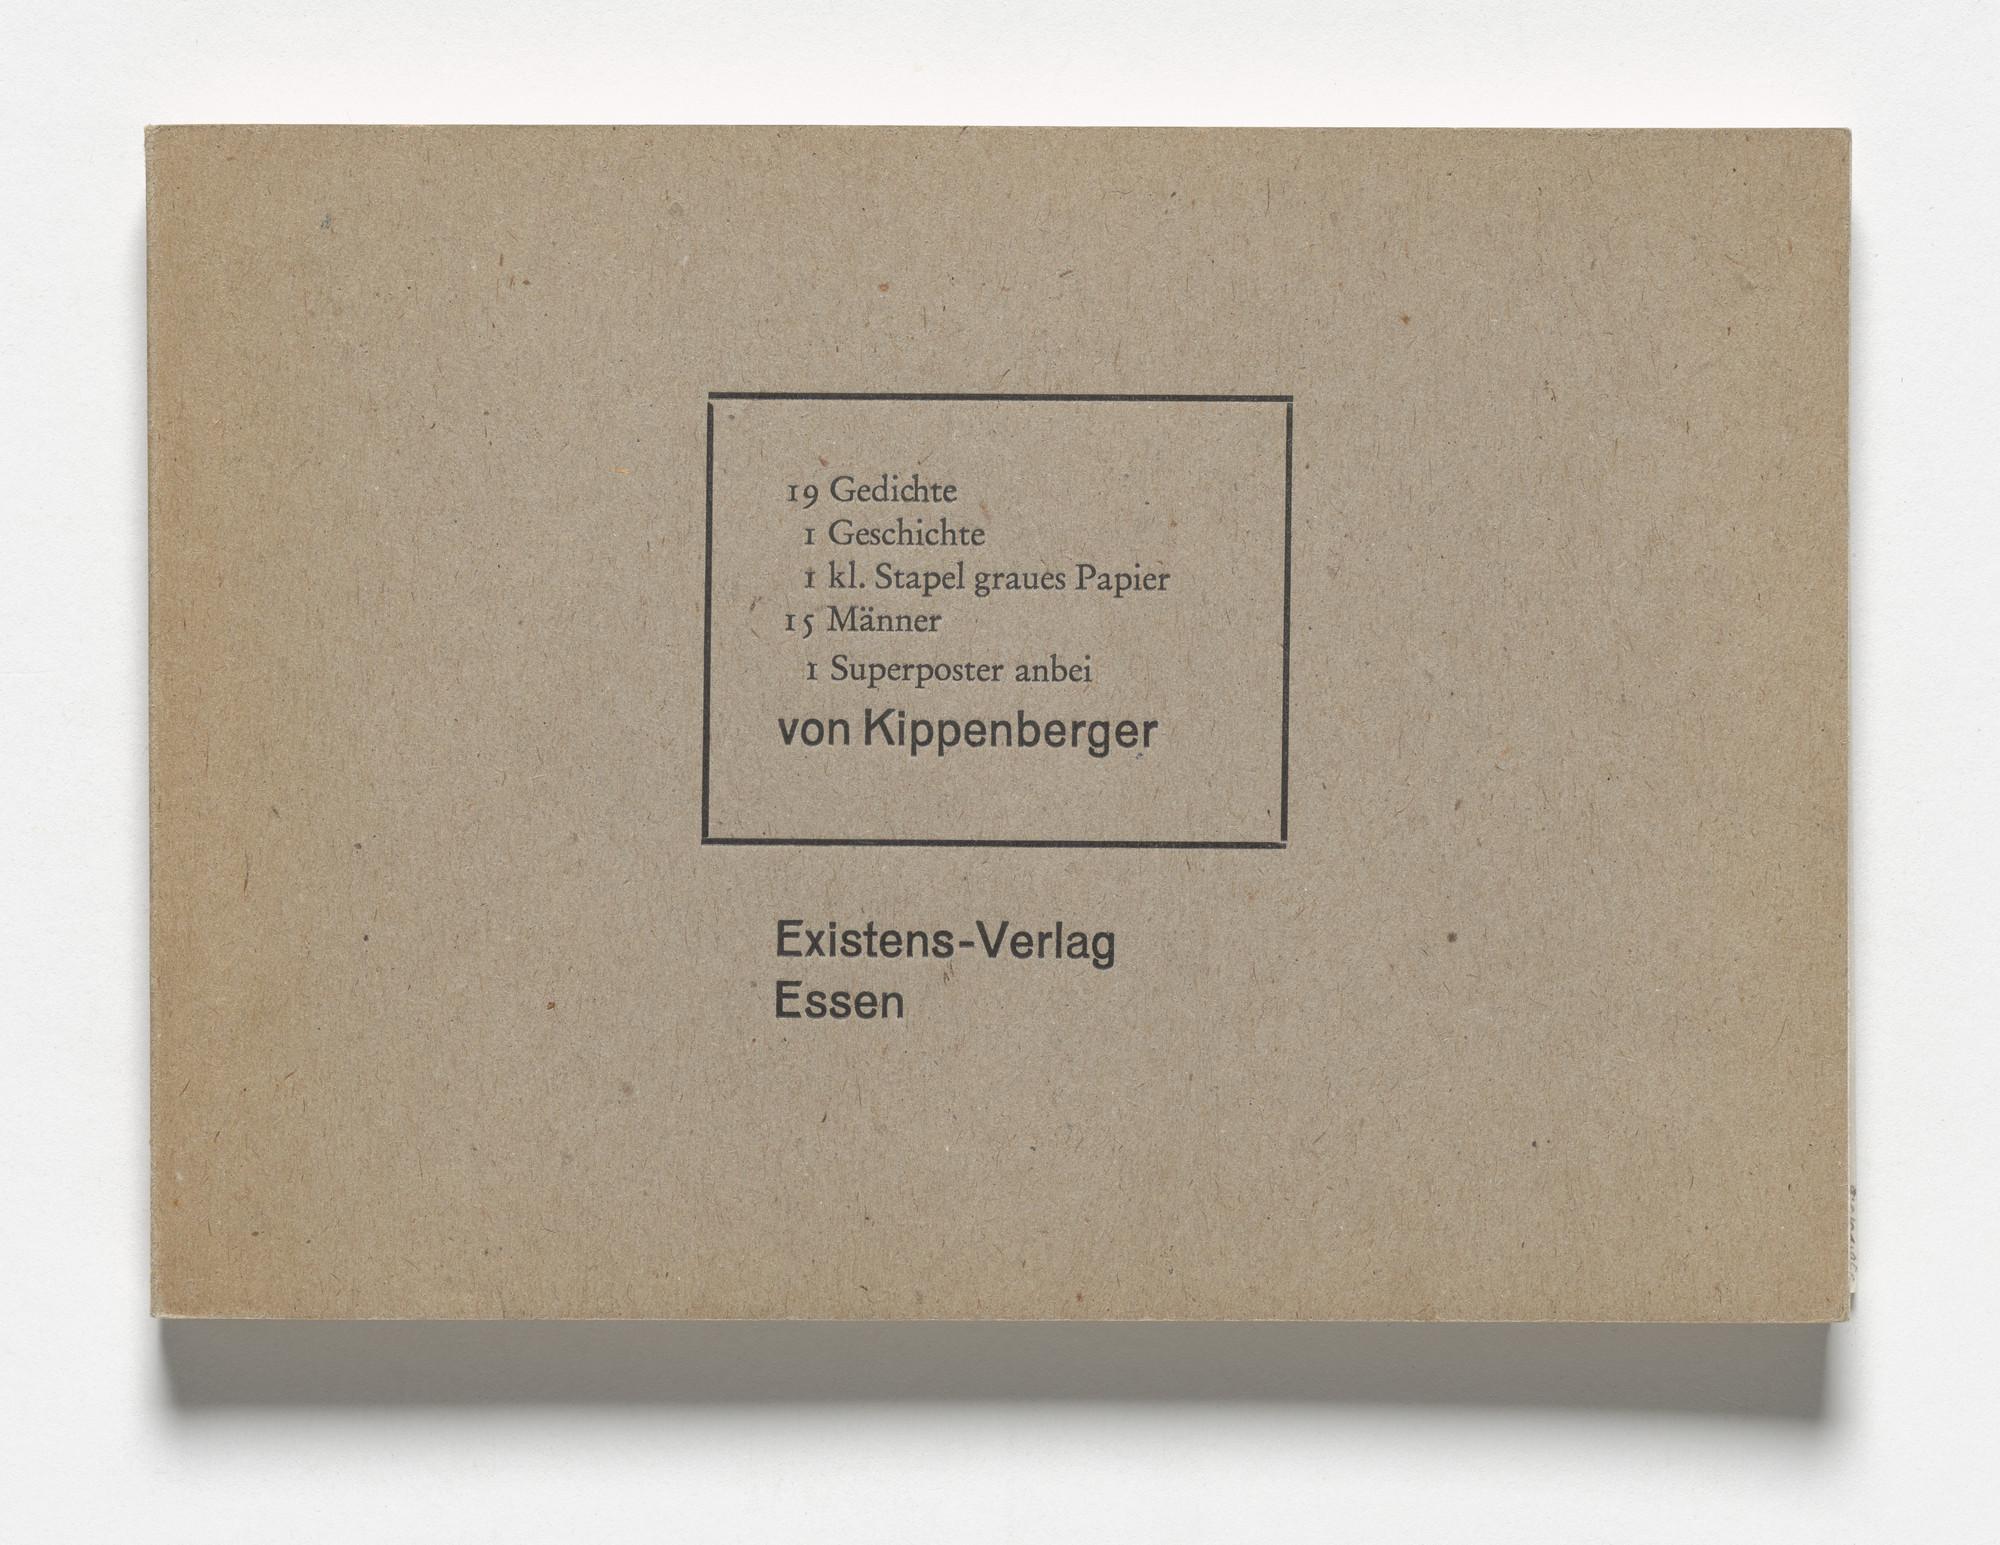 Martin Kippenberger 19 Gedichte 1 Geschichte 1 Kt Stapel